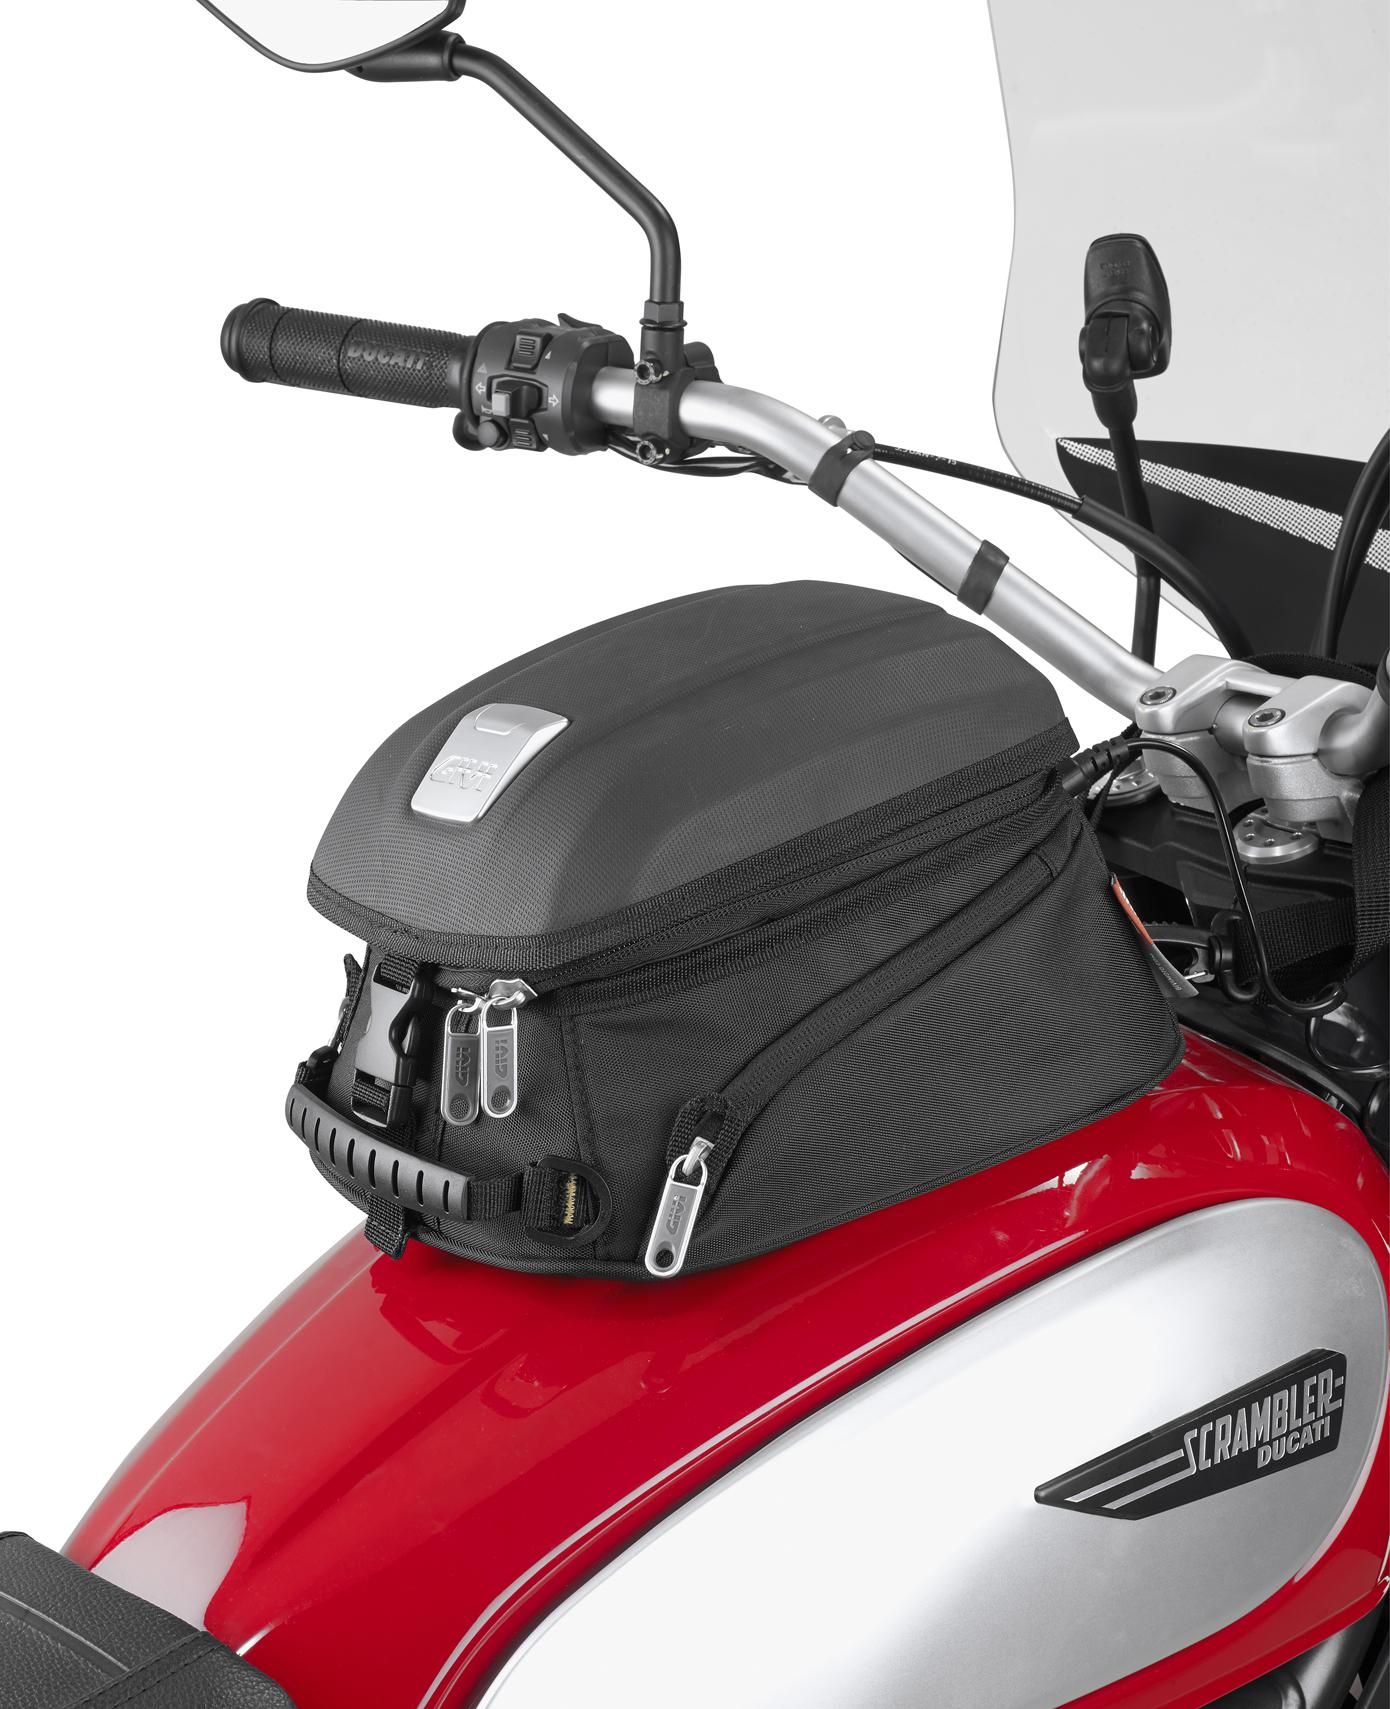 GIVI BF08 Ducati Tanklock Mount